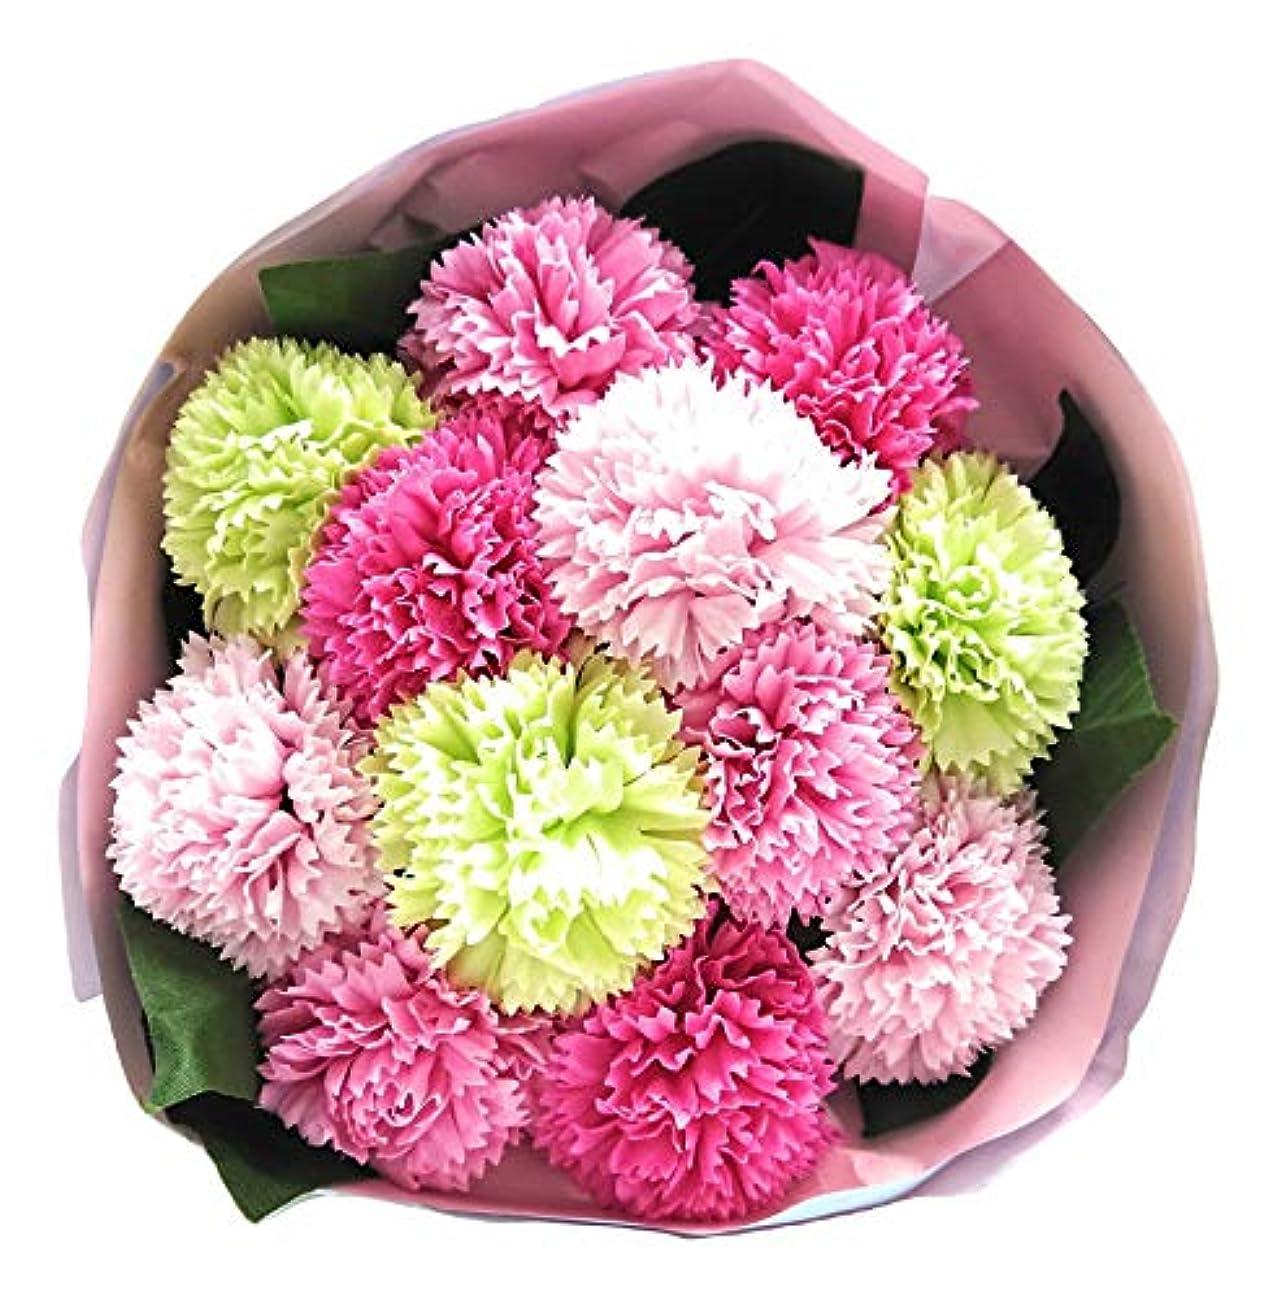 従う株式強化バスフレグランス バスフラワー カーネーションブーケ 母の日 ギフト お花の形の入浴剤 (PINK MIX)